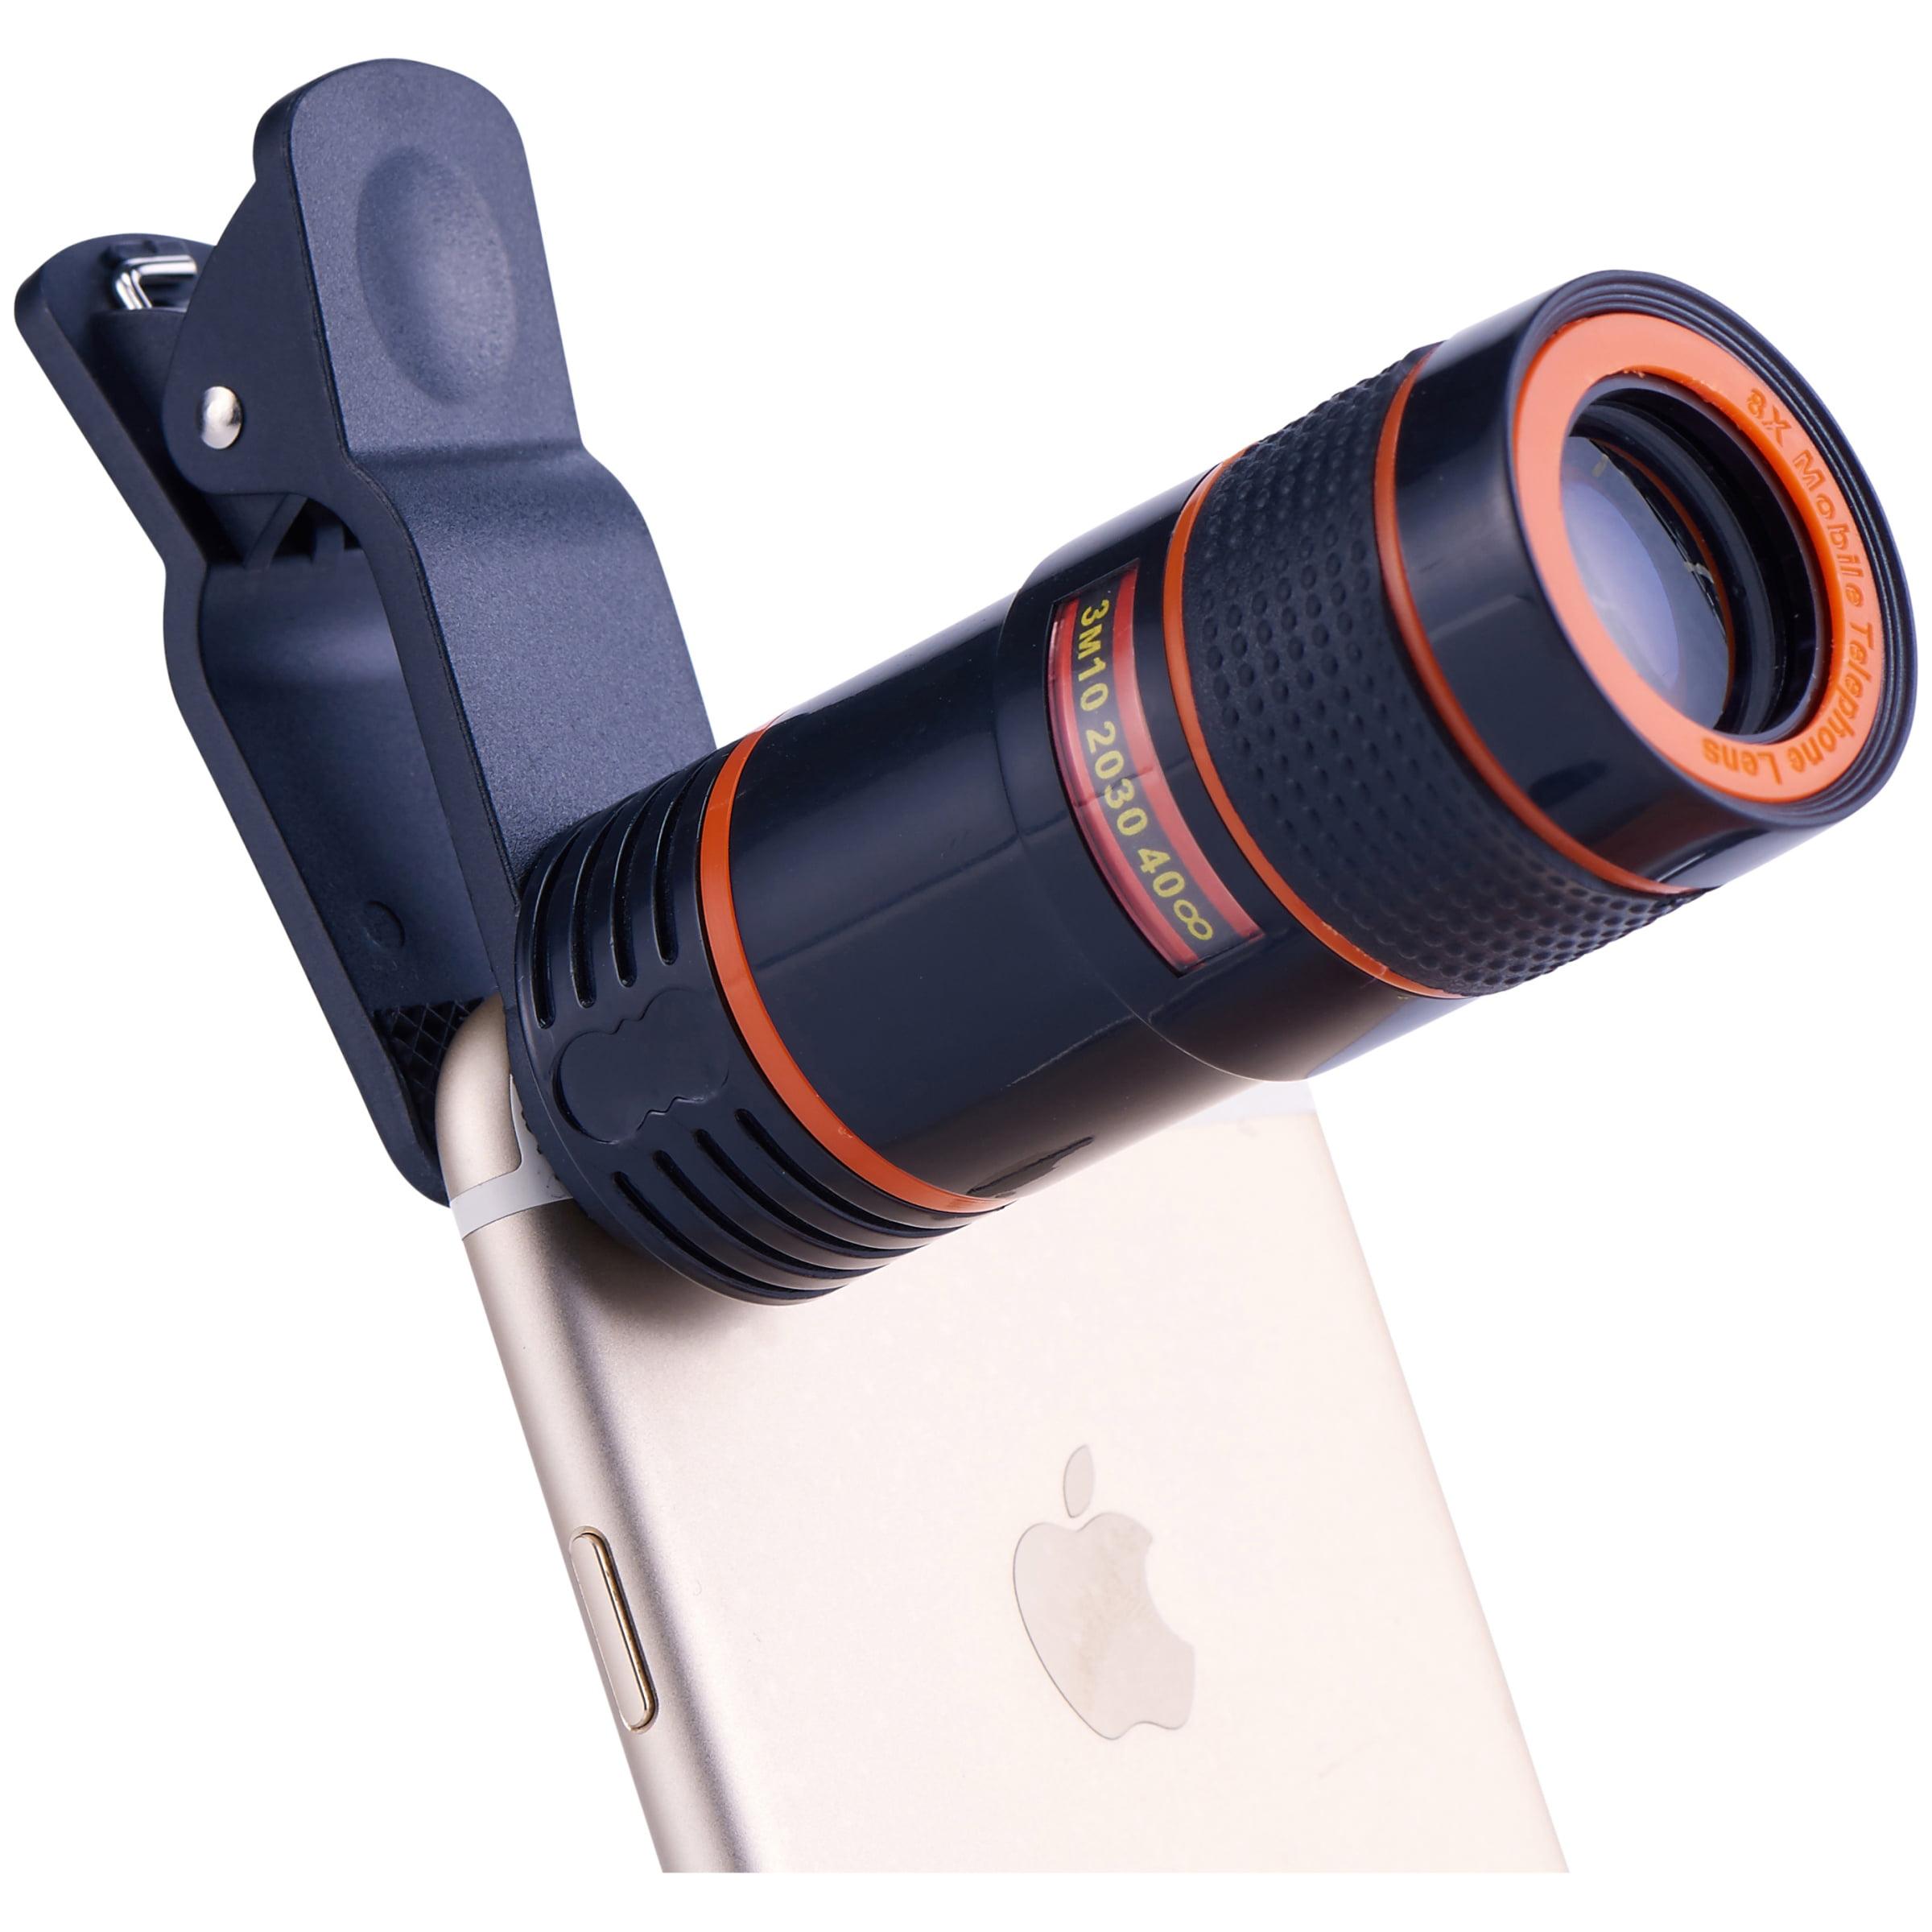 Bower Smart Photography Universal Full Frame Fisheye Smartphone Lens